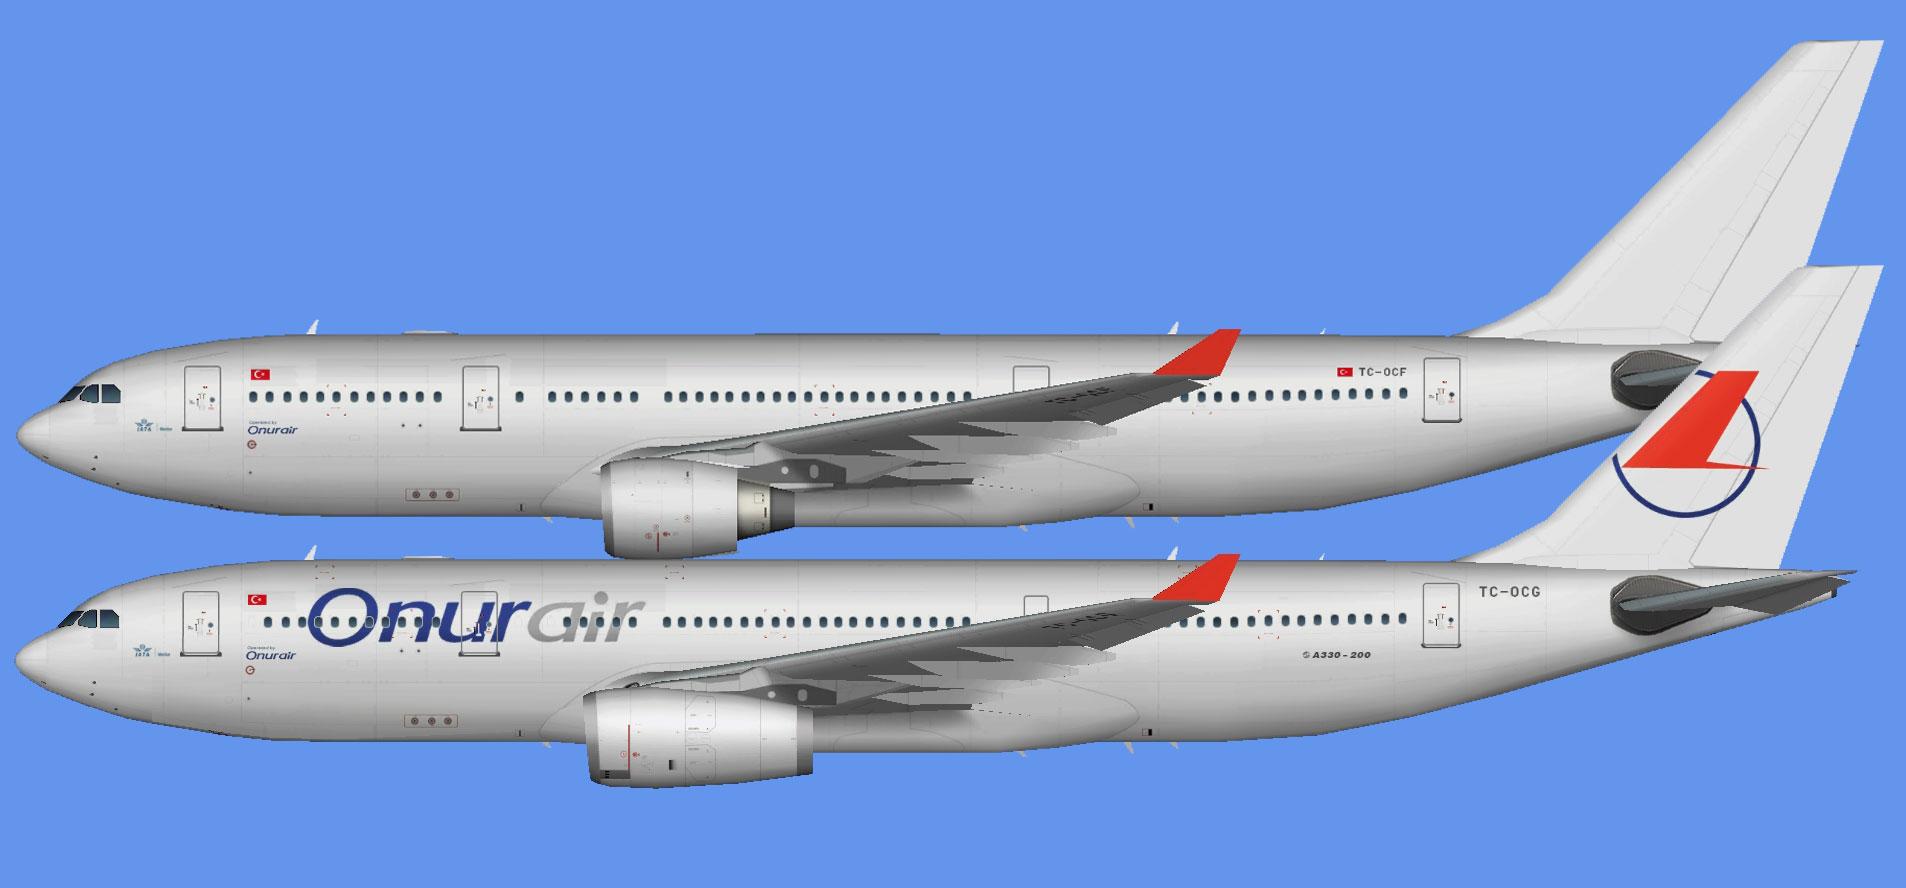 High quality repaints, flightplans, callsigns and aircraft models